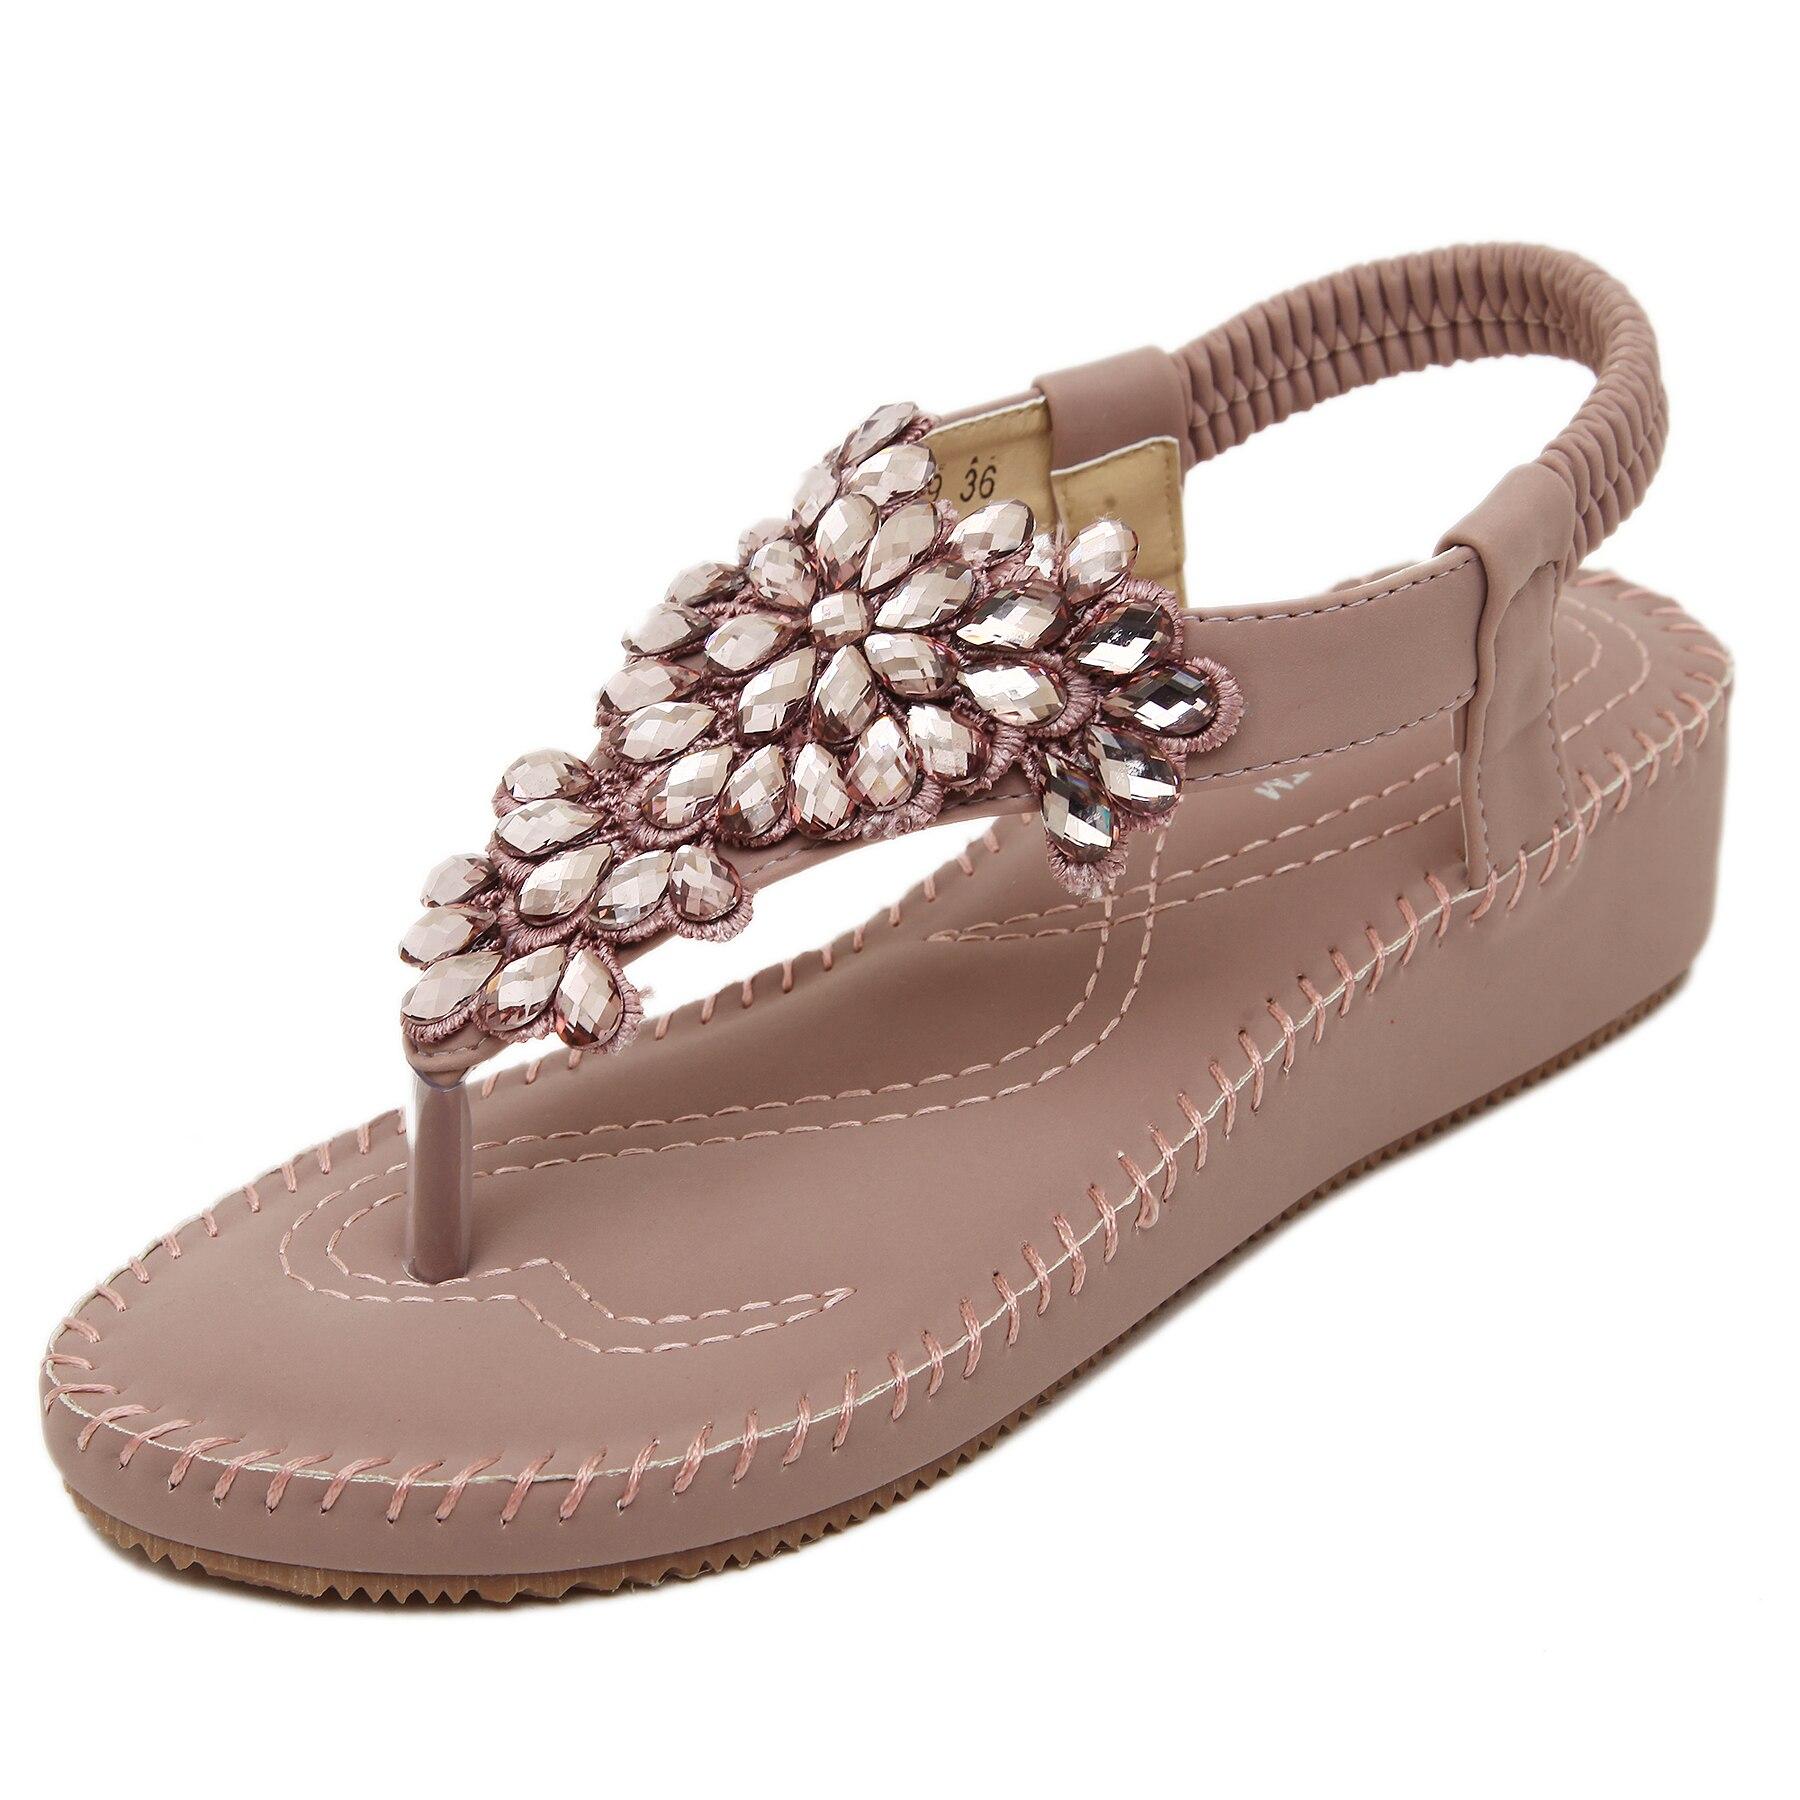 e1c8d48c245c QZYERAI 2018 summer comfortable breathable wedges water drill single shoes  sandals wear-resistant rubber soles sandals size40